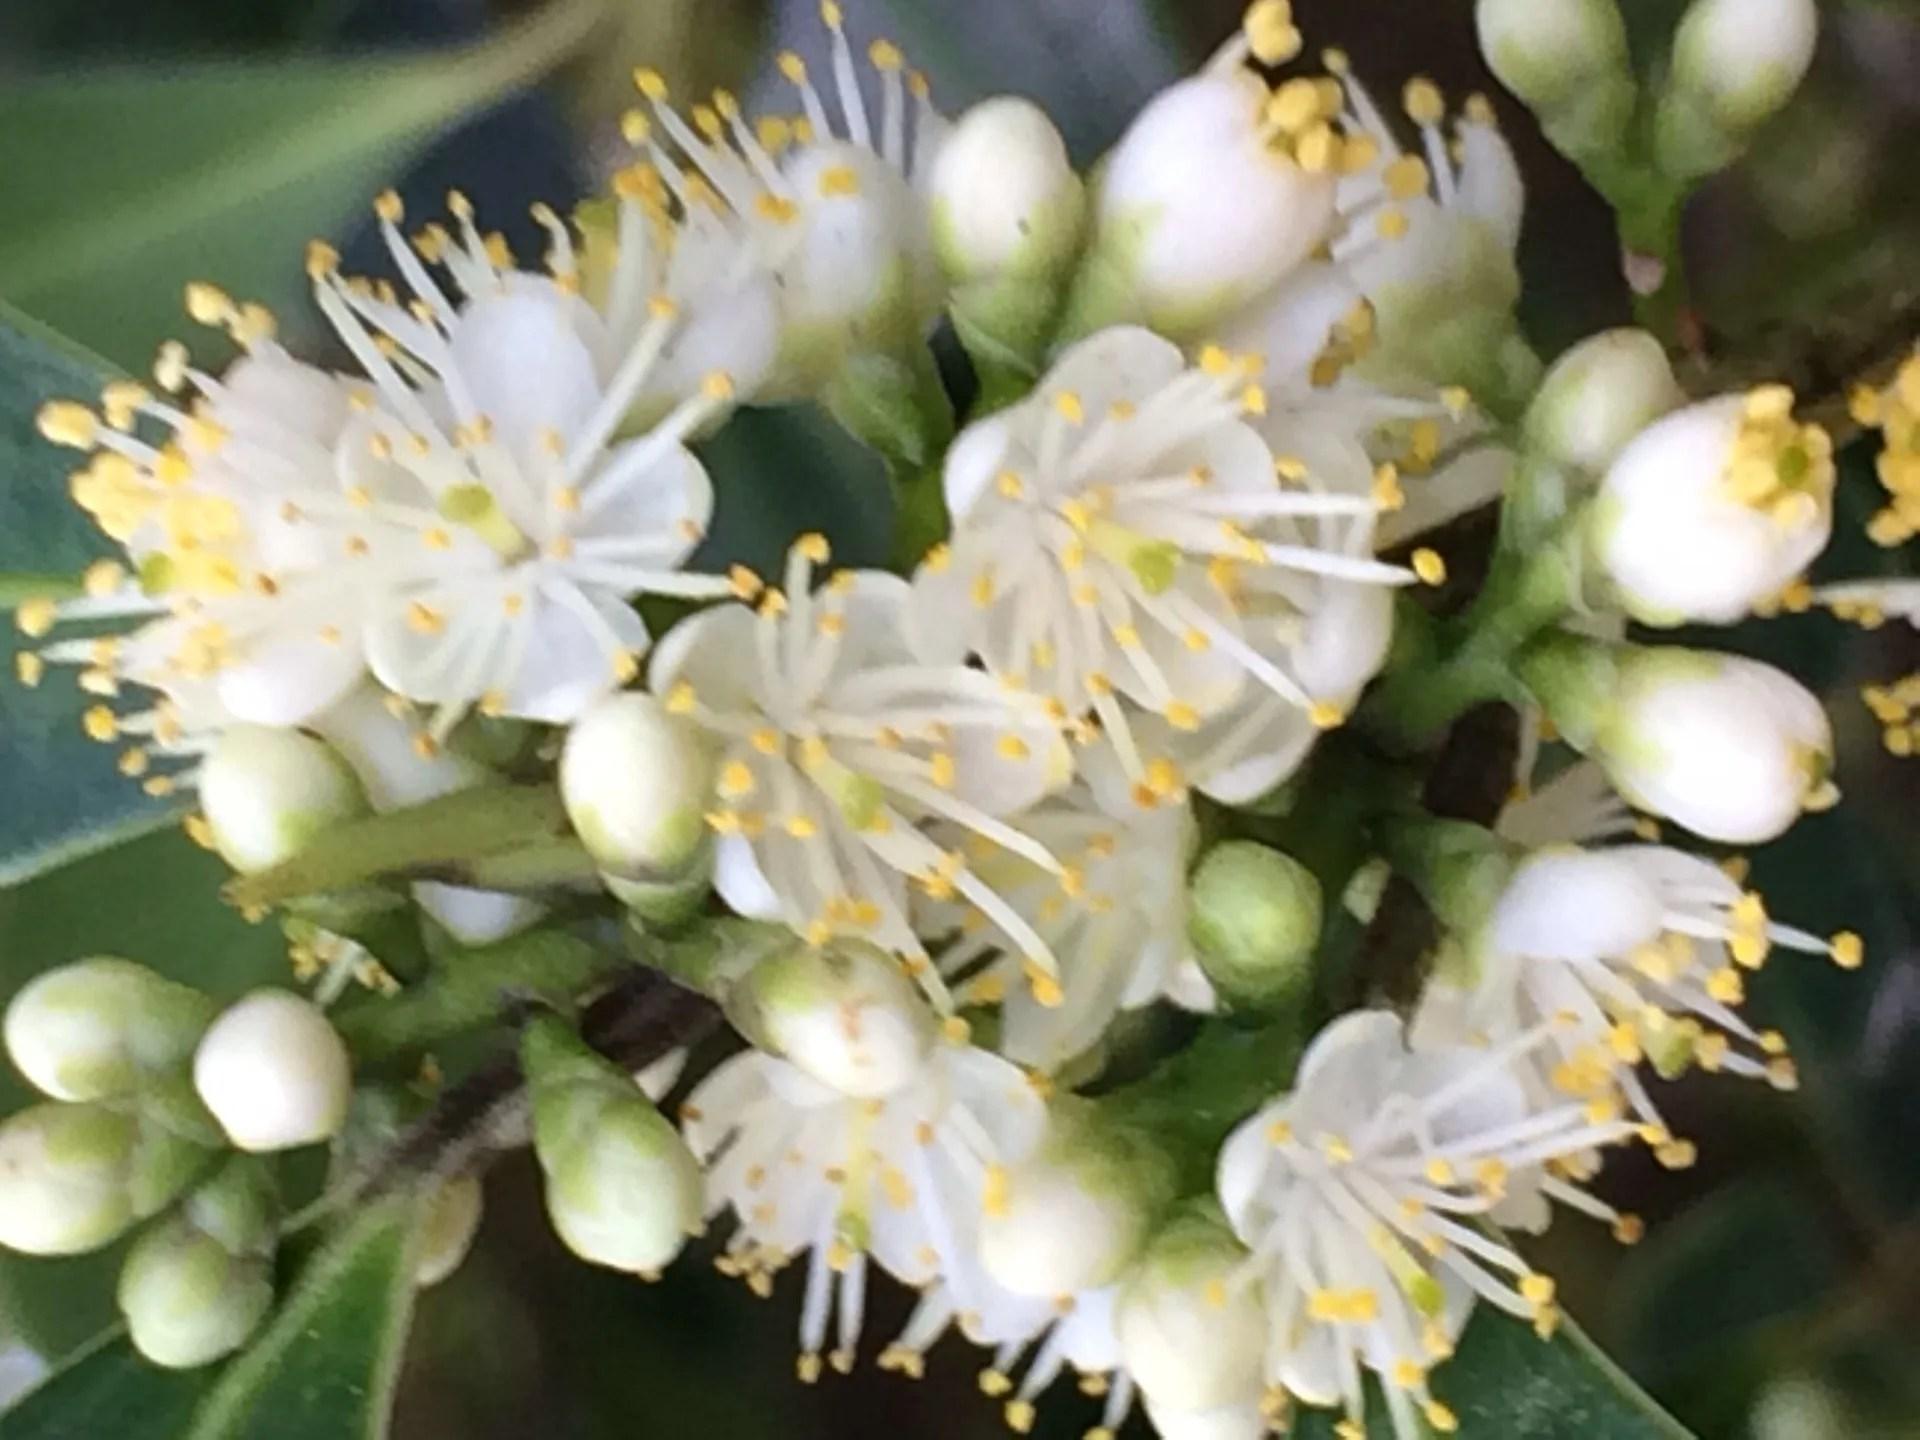 木に咲く白い花 - 寫真と短い文章 2